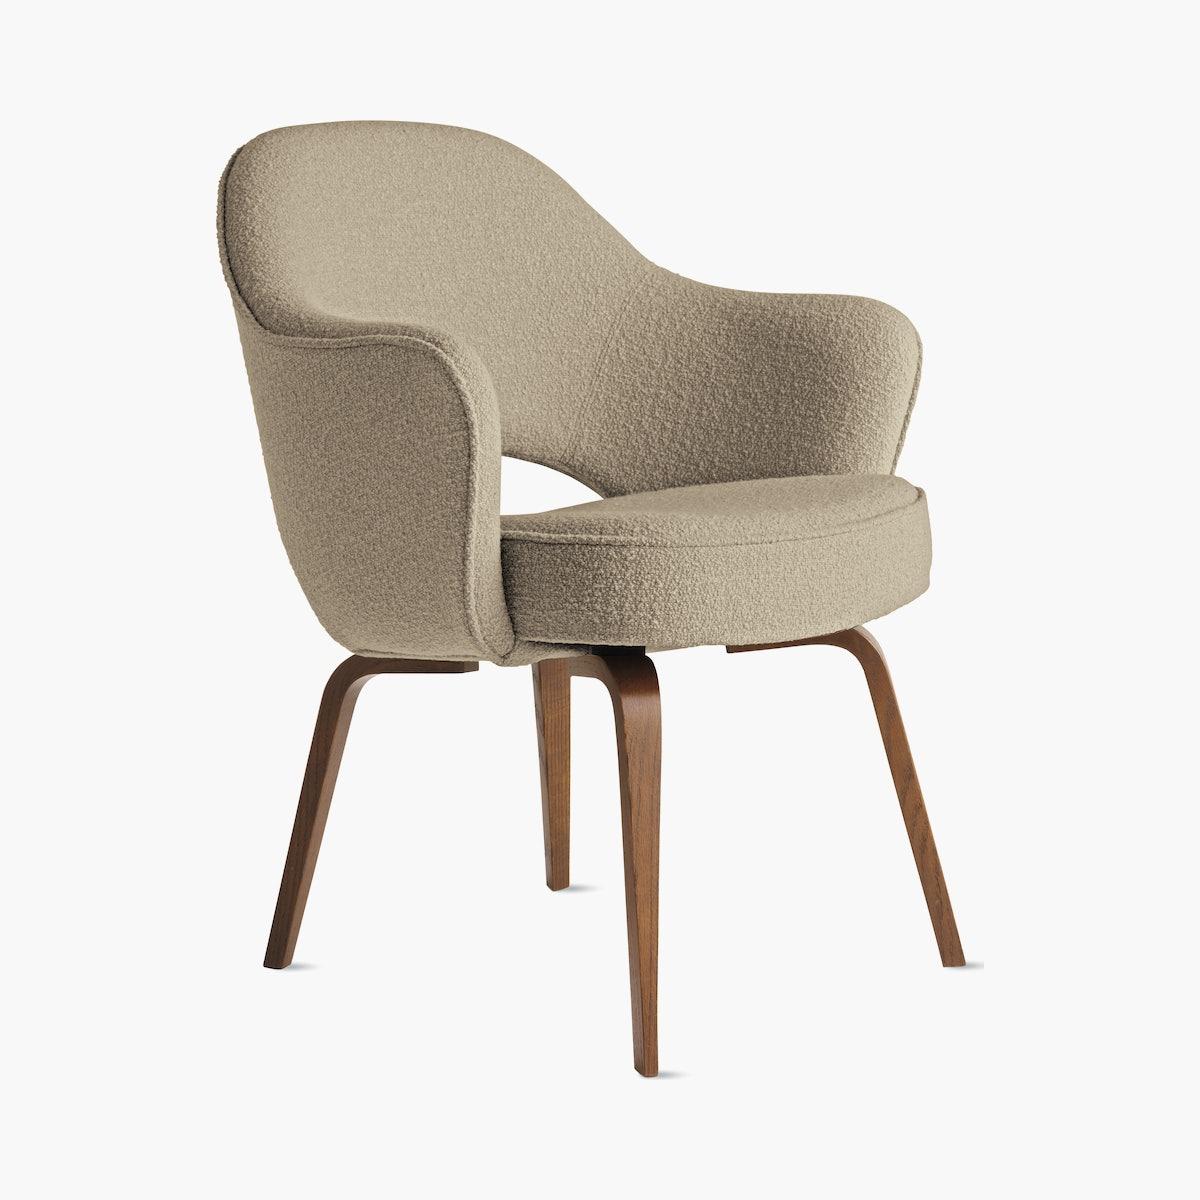 Saarinen Executive Chair